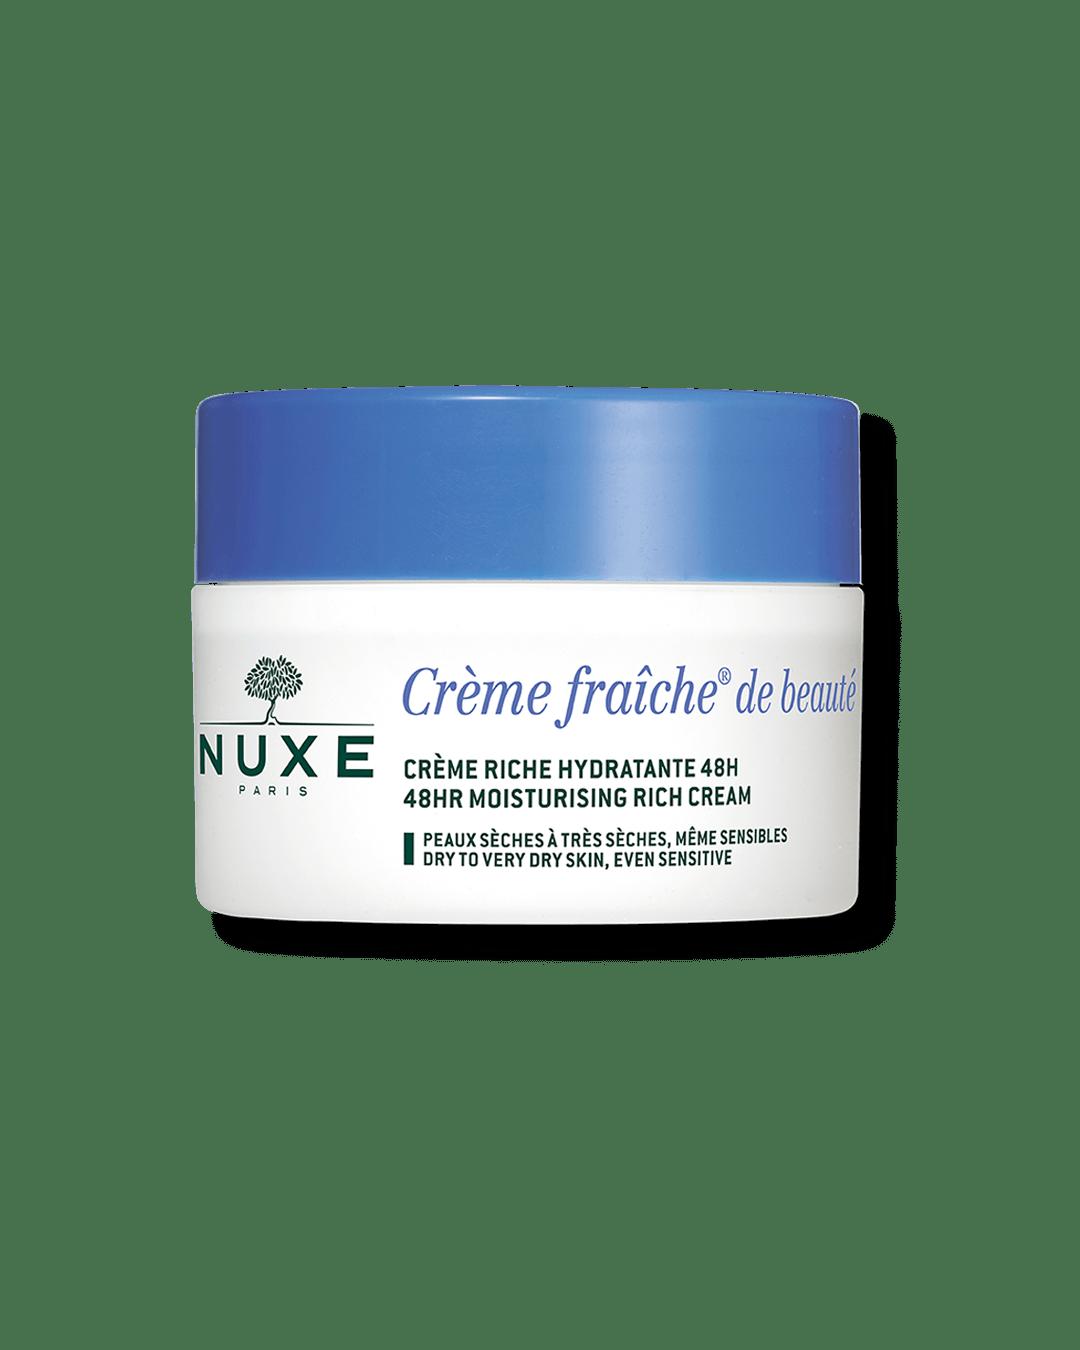 Crème fraîche® de beauté hydratační krém pro suchou až velmi suchou pleť